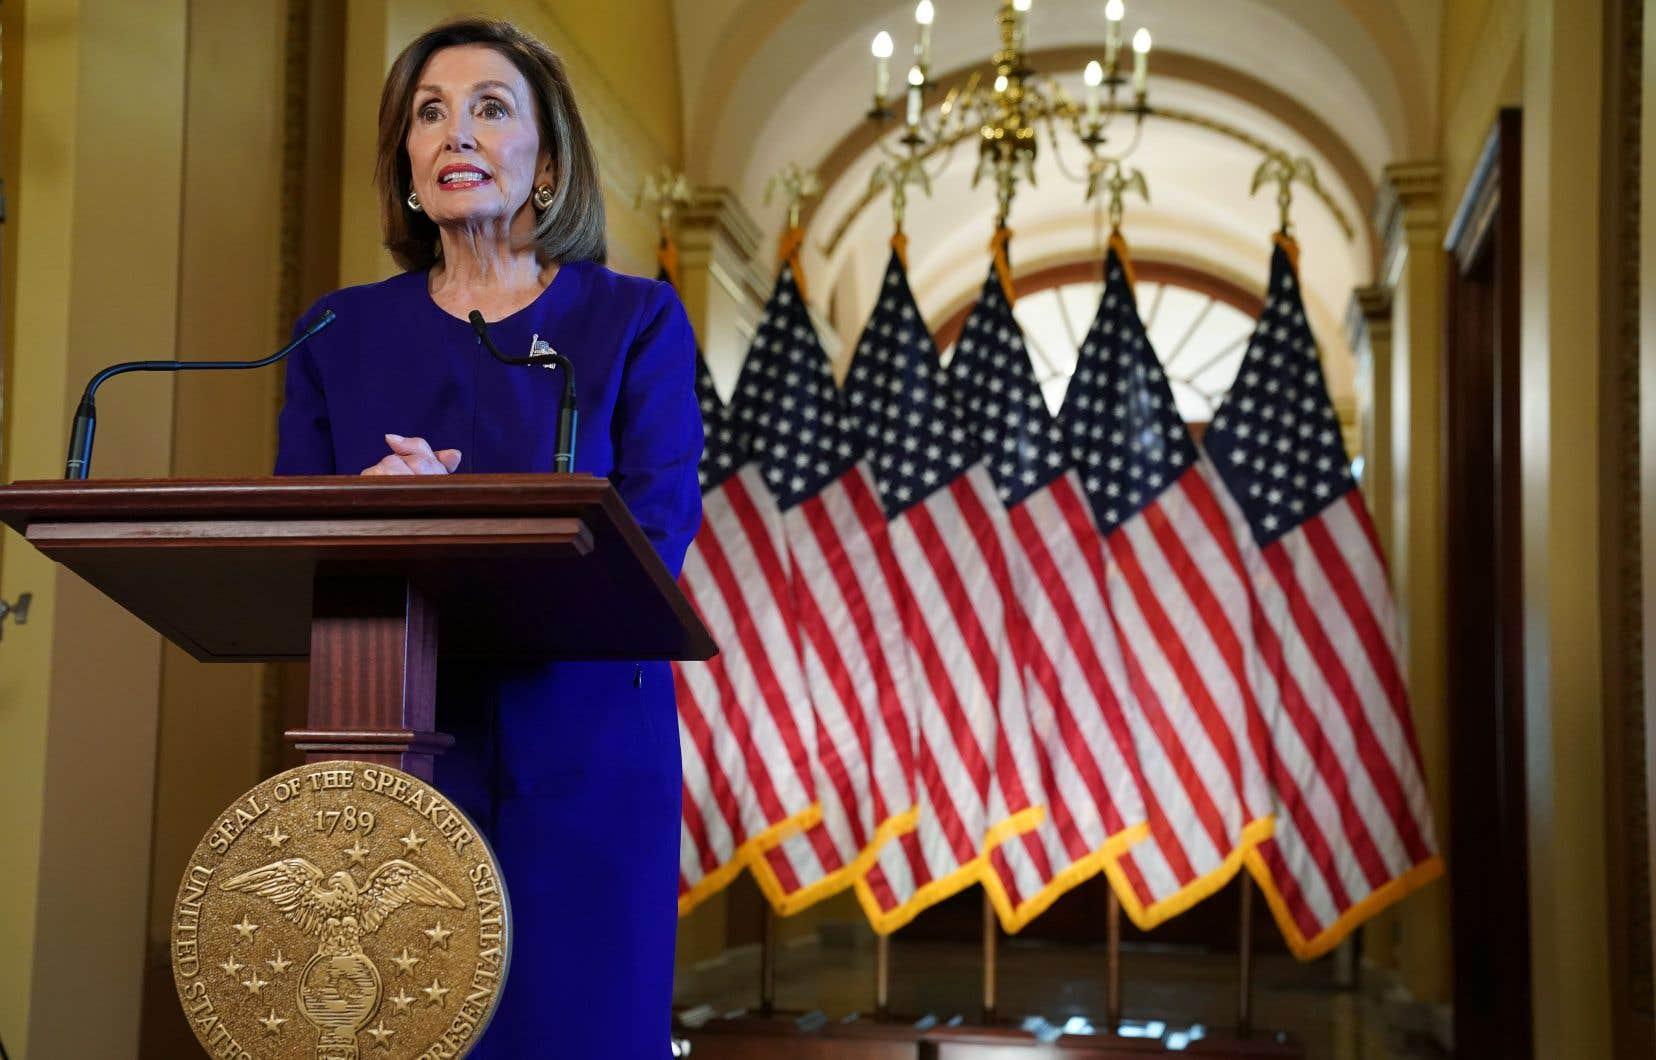 La présidente de la Chambre des représentants, Nancy Pelosi, a annoncé que les démocrates lancent officiellement une procédure de destitution contre Donald Trump.